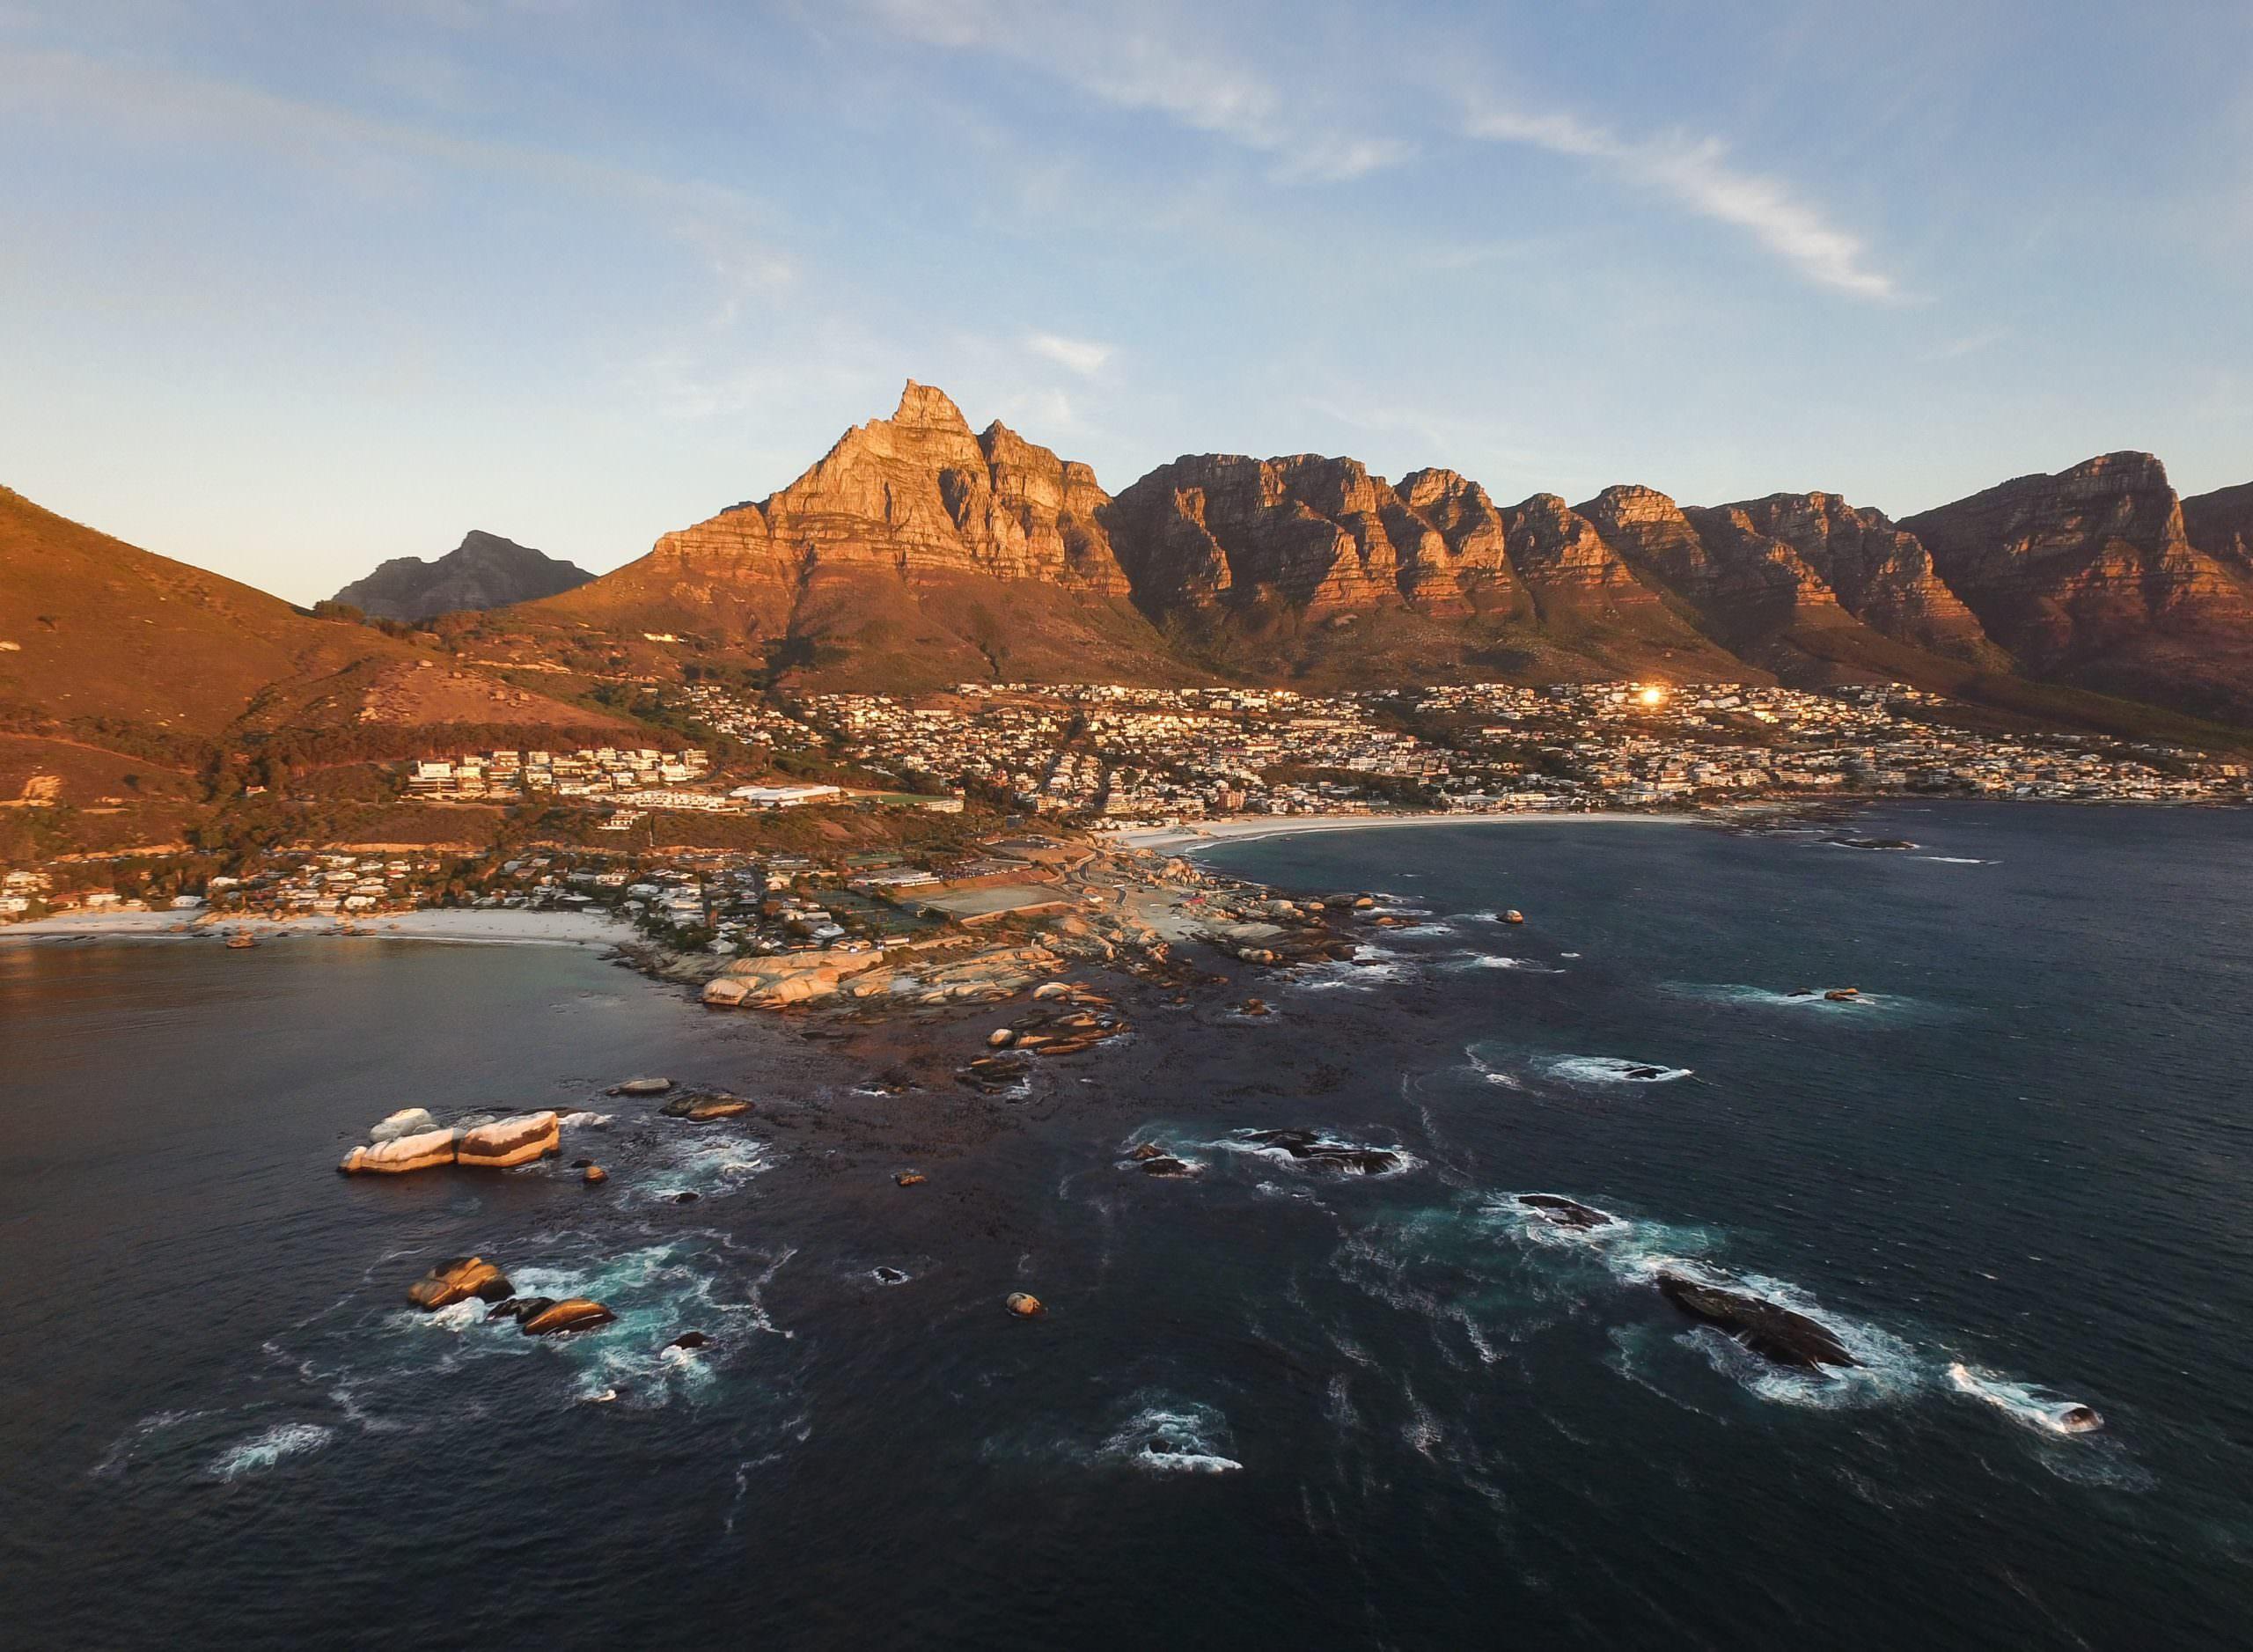 أجمل وأفضل الوجهات السياحية في كيب تاون ، جنوب إفريقيا